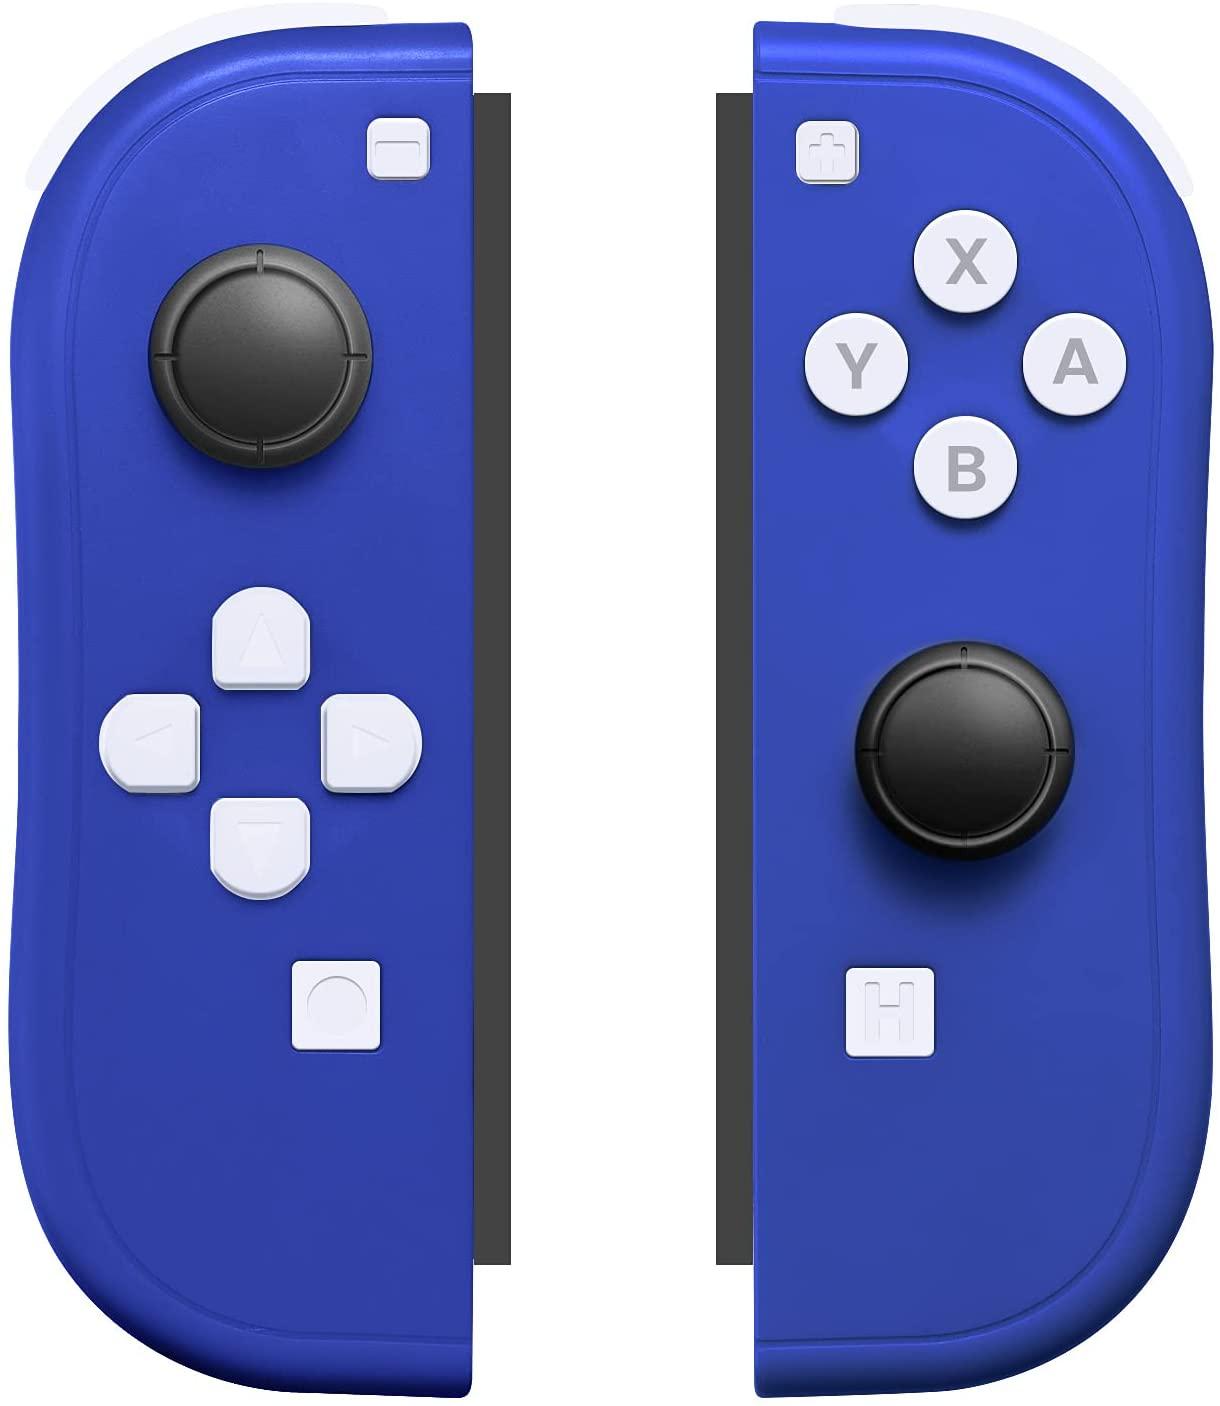 d-gruoiza-nintendo-switch-joycon-controller-blue